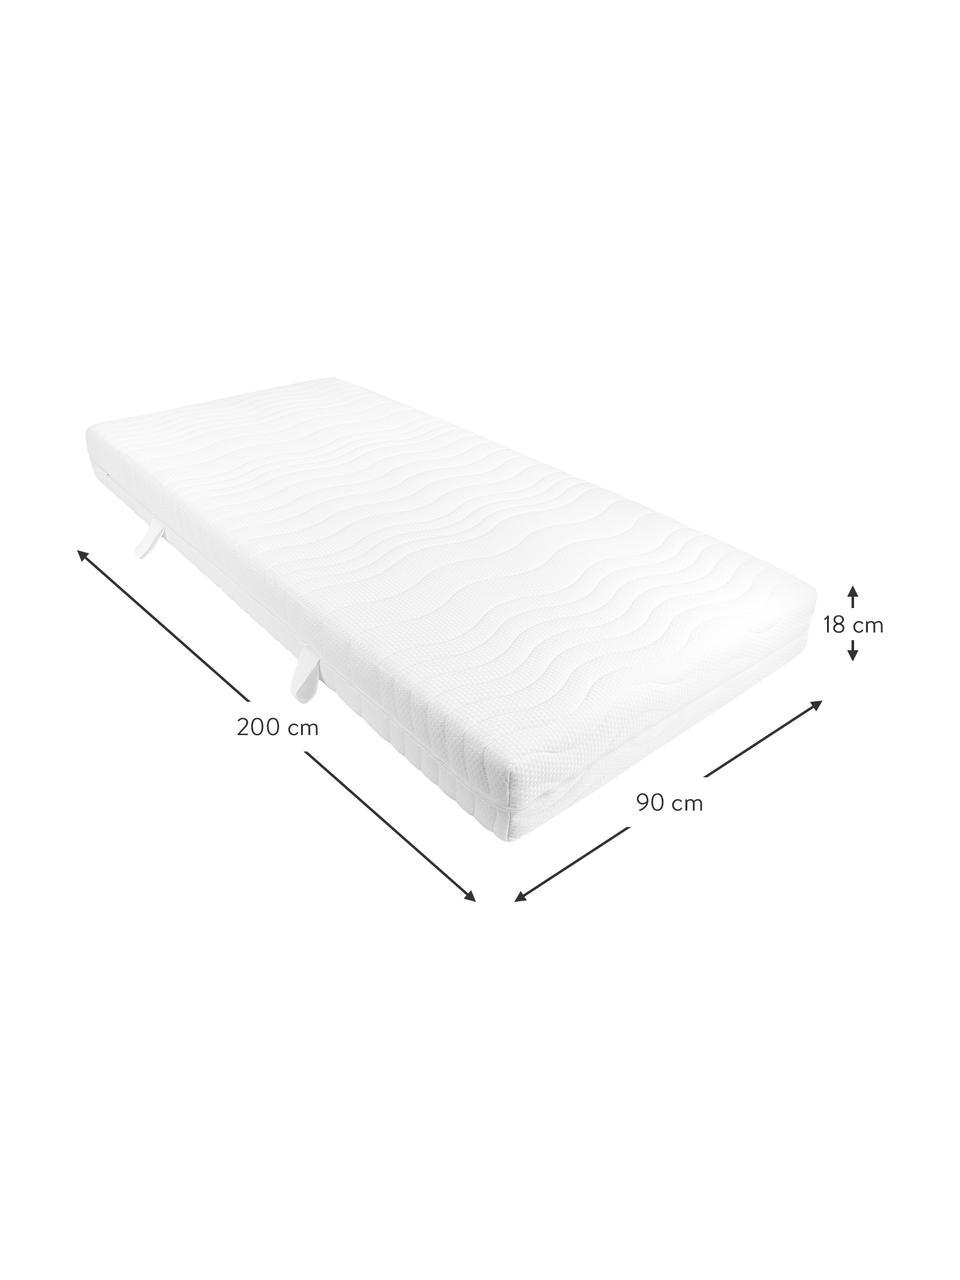 7-Zonen-Komfortschaummatratze Young, Bezug: Doppeltuch mit Glanzgarn , Weiß, 90 x 200 cm